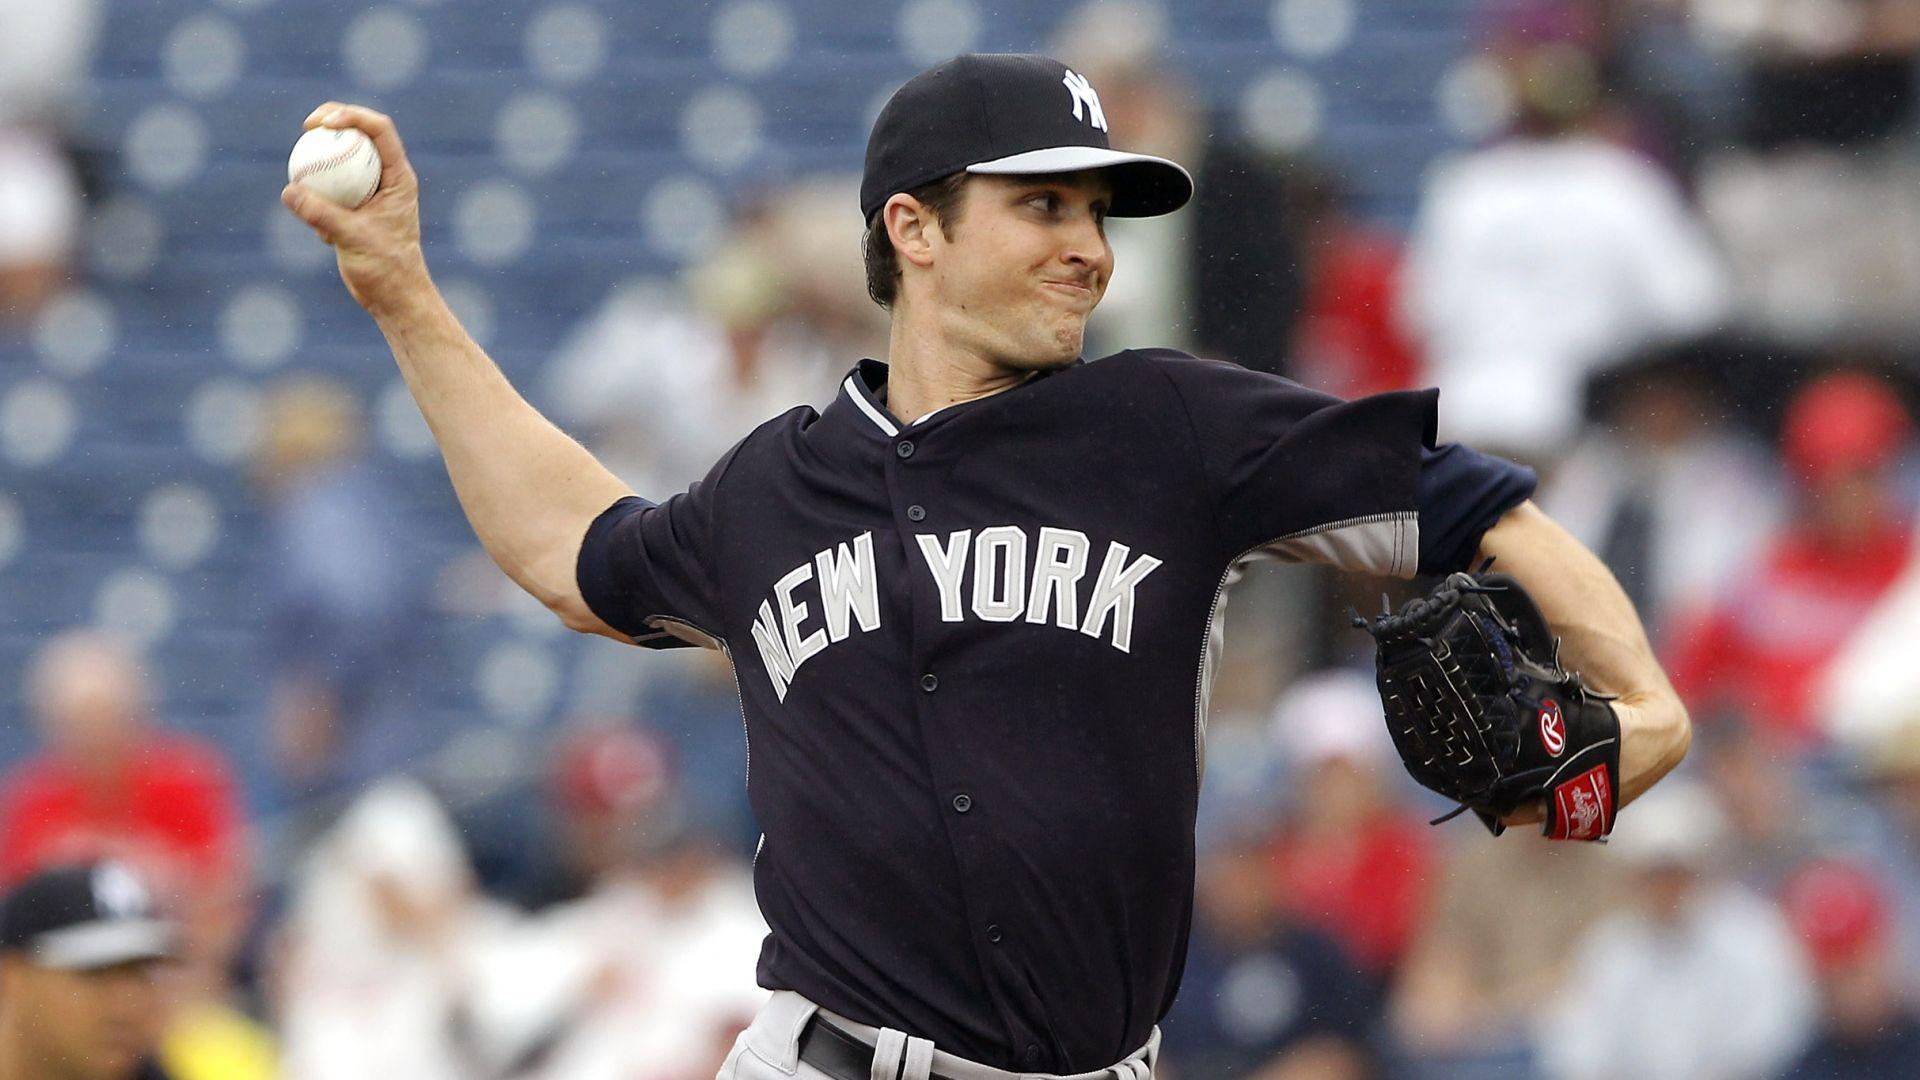 New York Yankees 1080p background